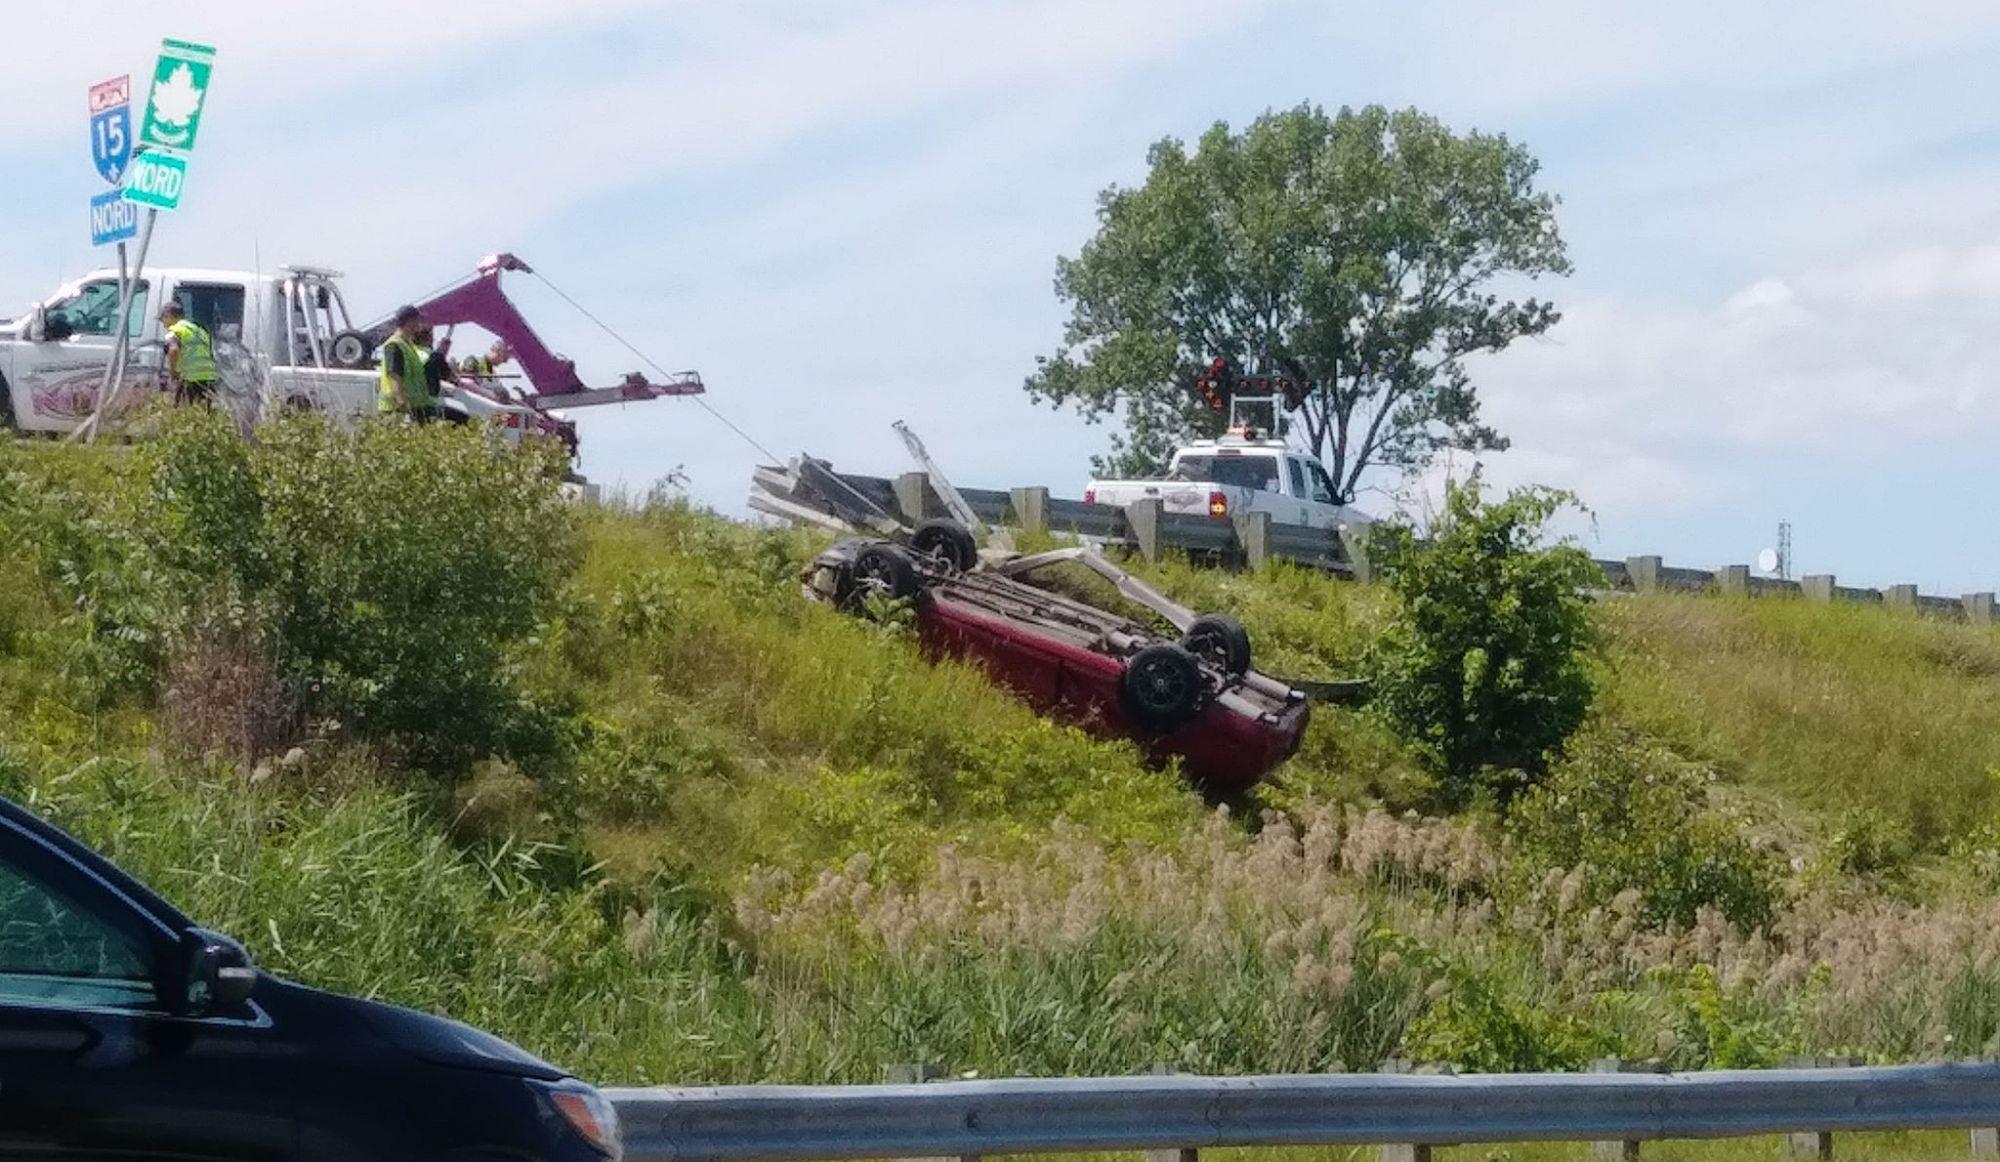 Un Montréalais perd la vie dans l'accident de la 15 à St-Jérôme